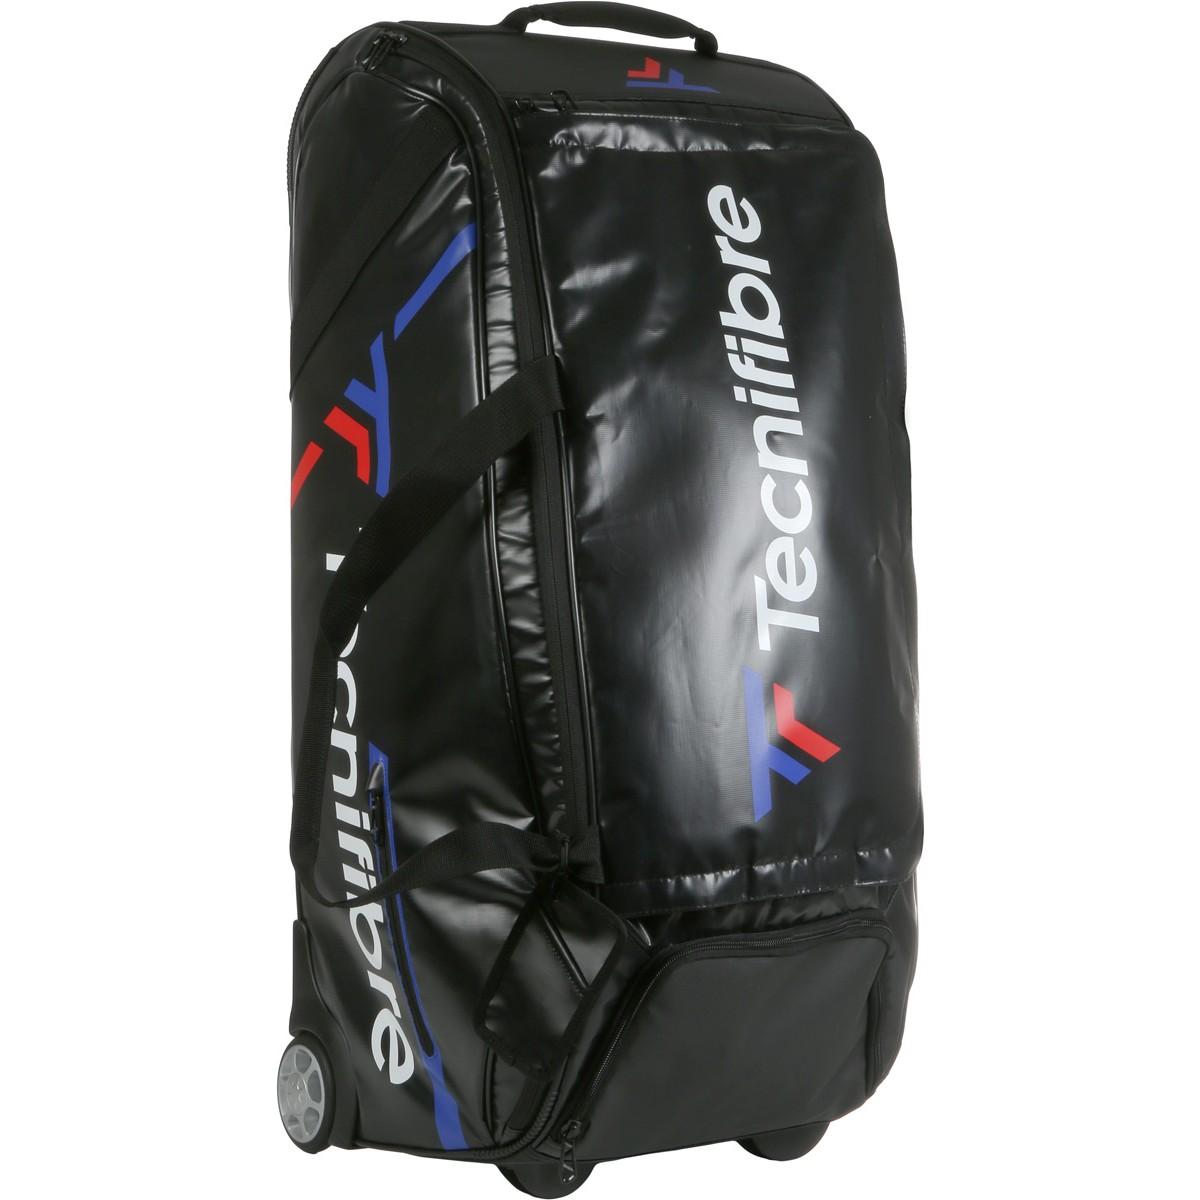 Borse sportive classiche taglia unica Tecnifibre Tour Endurance Black Rolling colore: Nero